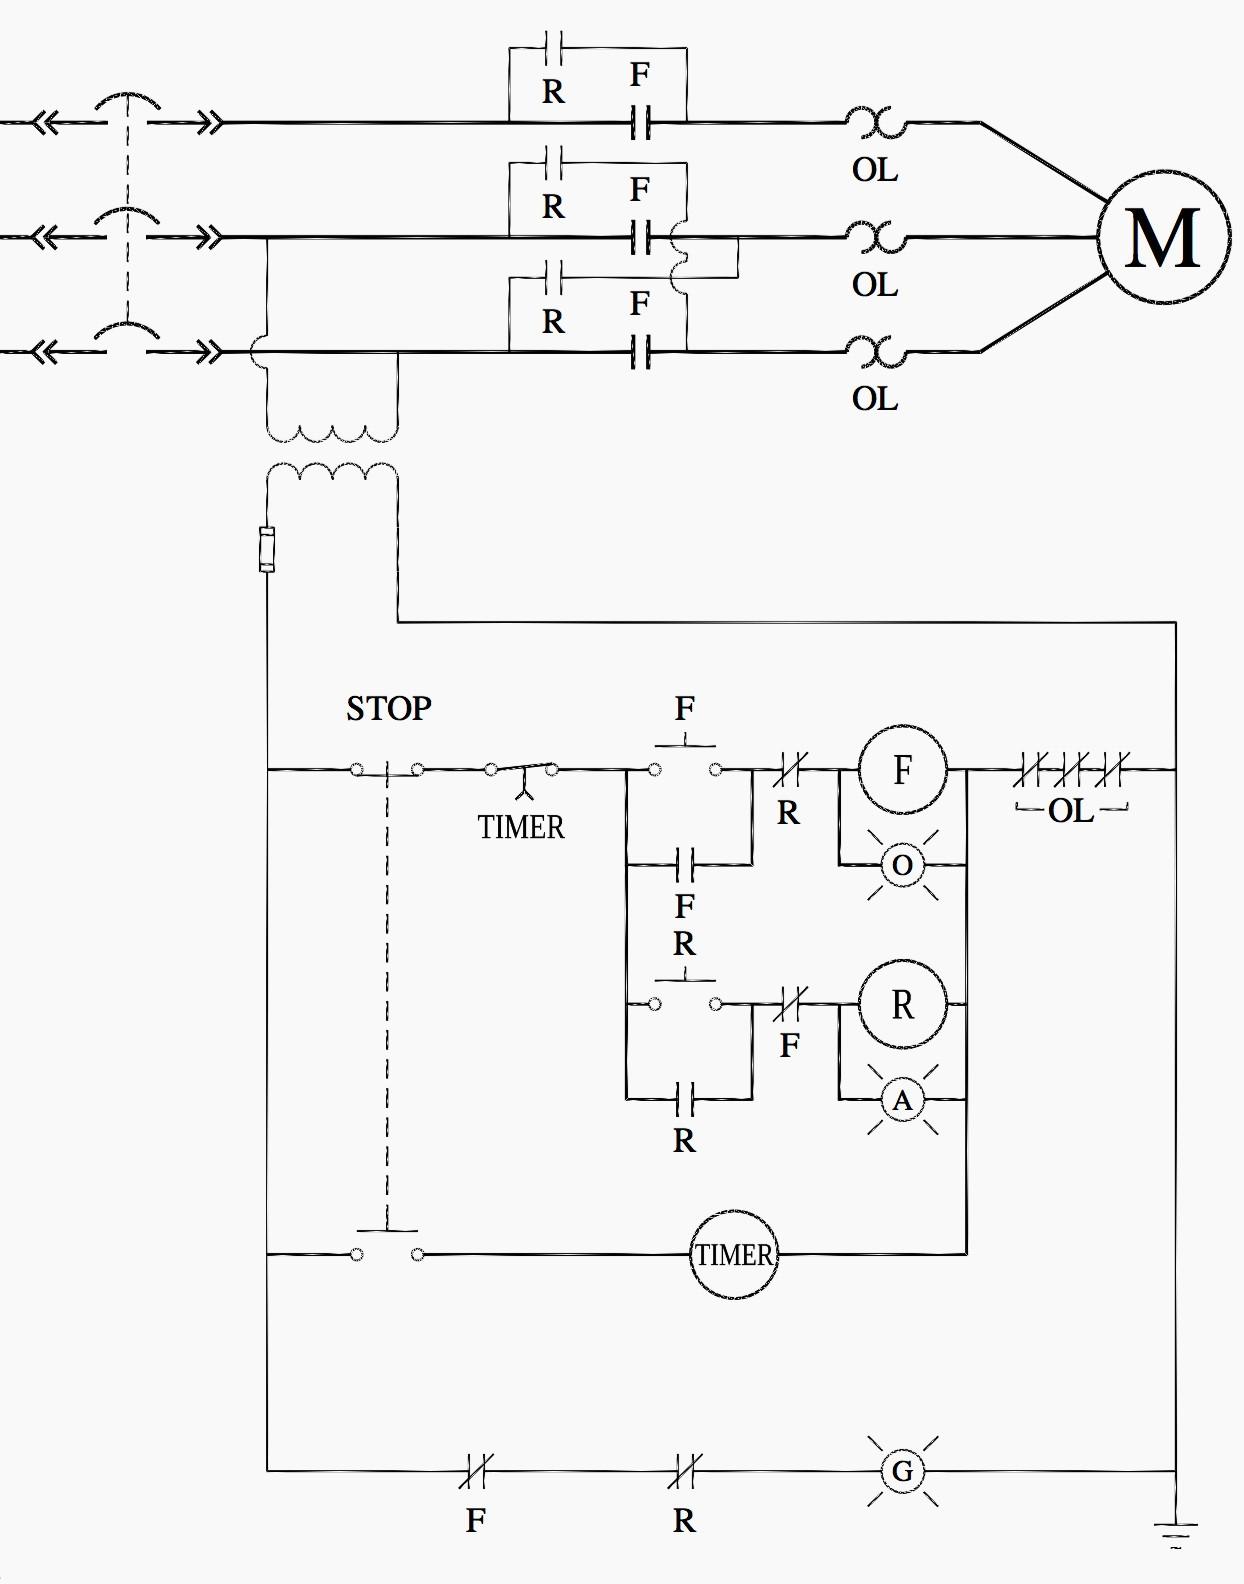 Motor Starter Wiring Diagram Start Stop Free Relay Ladder Inspirationa